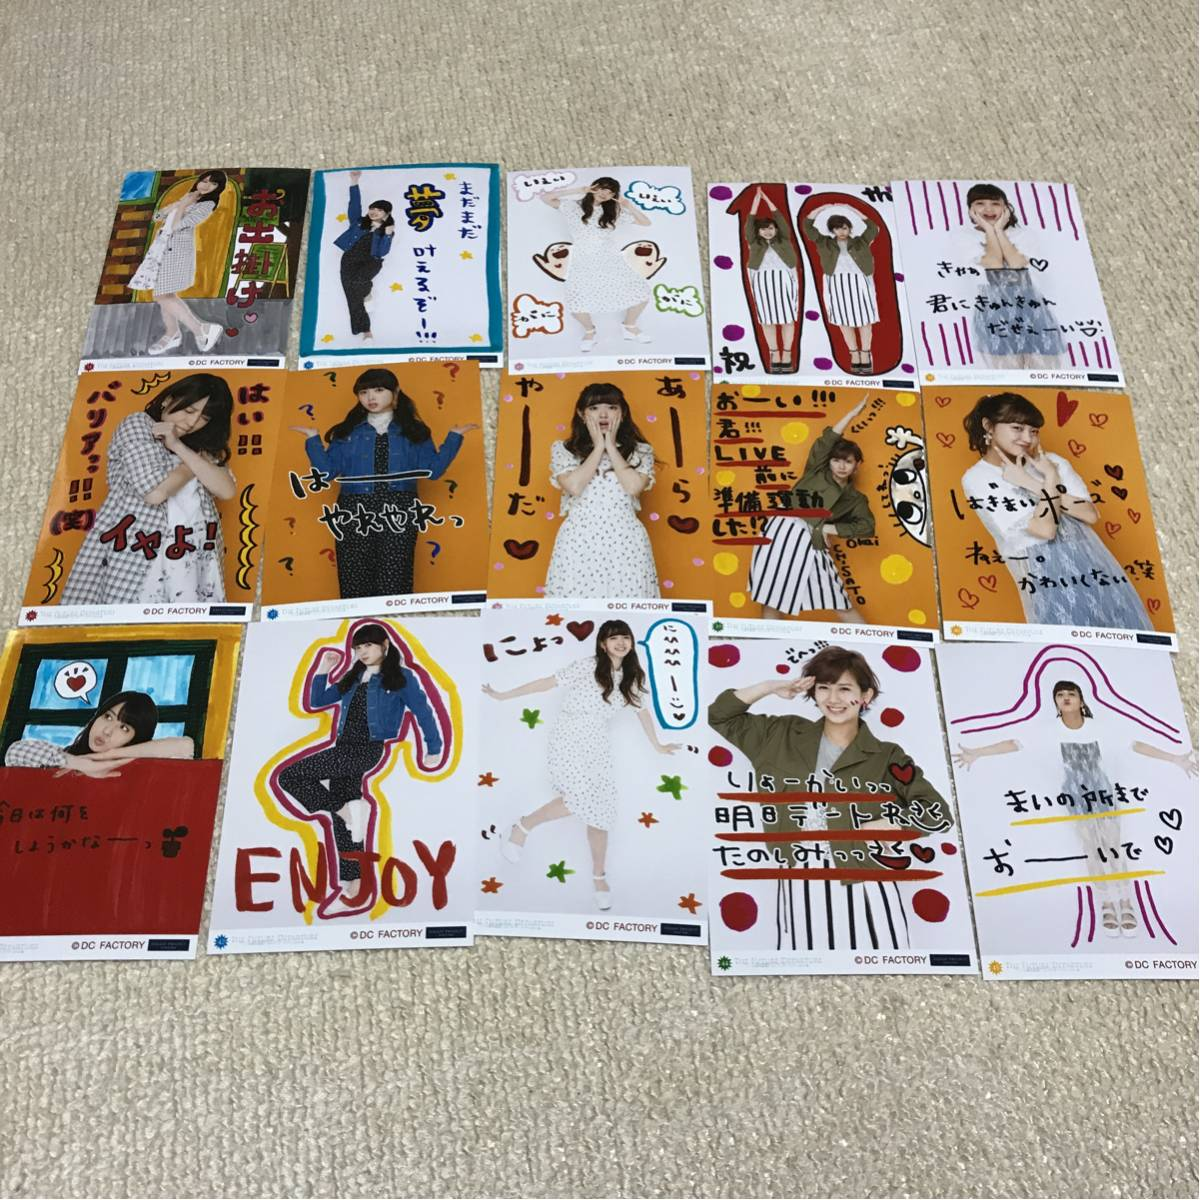 美品 ℃-ute コレクション生写真 フルコンプセット ⑪ ライブグッズの画像